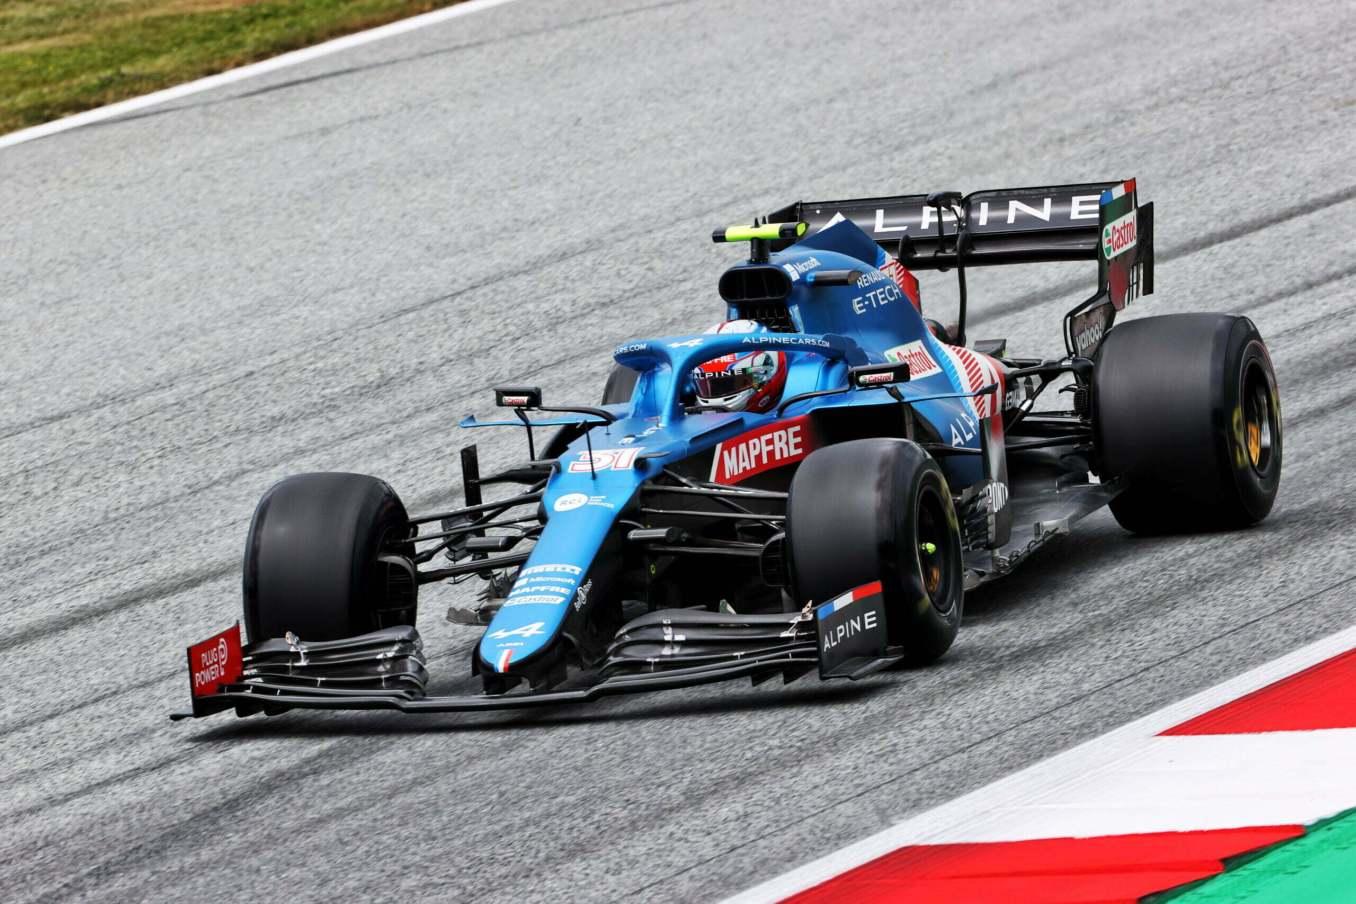 Alpine F1 Alonso Ocon A521 GP Autriche Spielberg 2021 28 scaled | Alpine F1 assure une séance d'essais studieuse au Grand-Prix d'Autriche